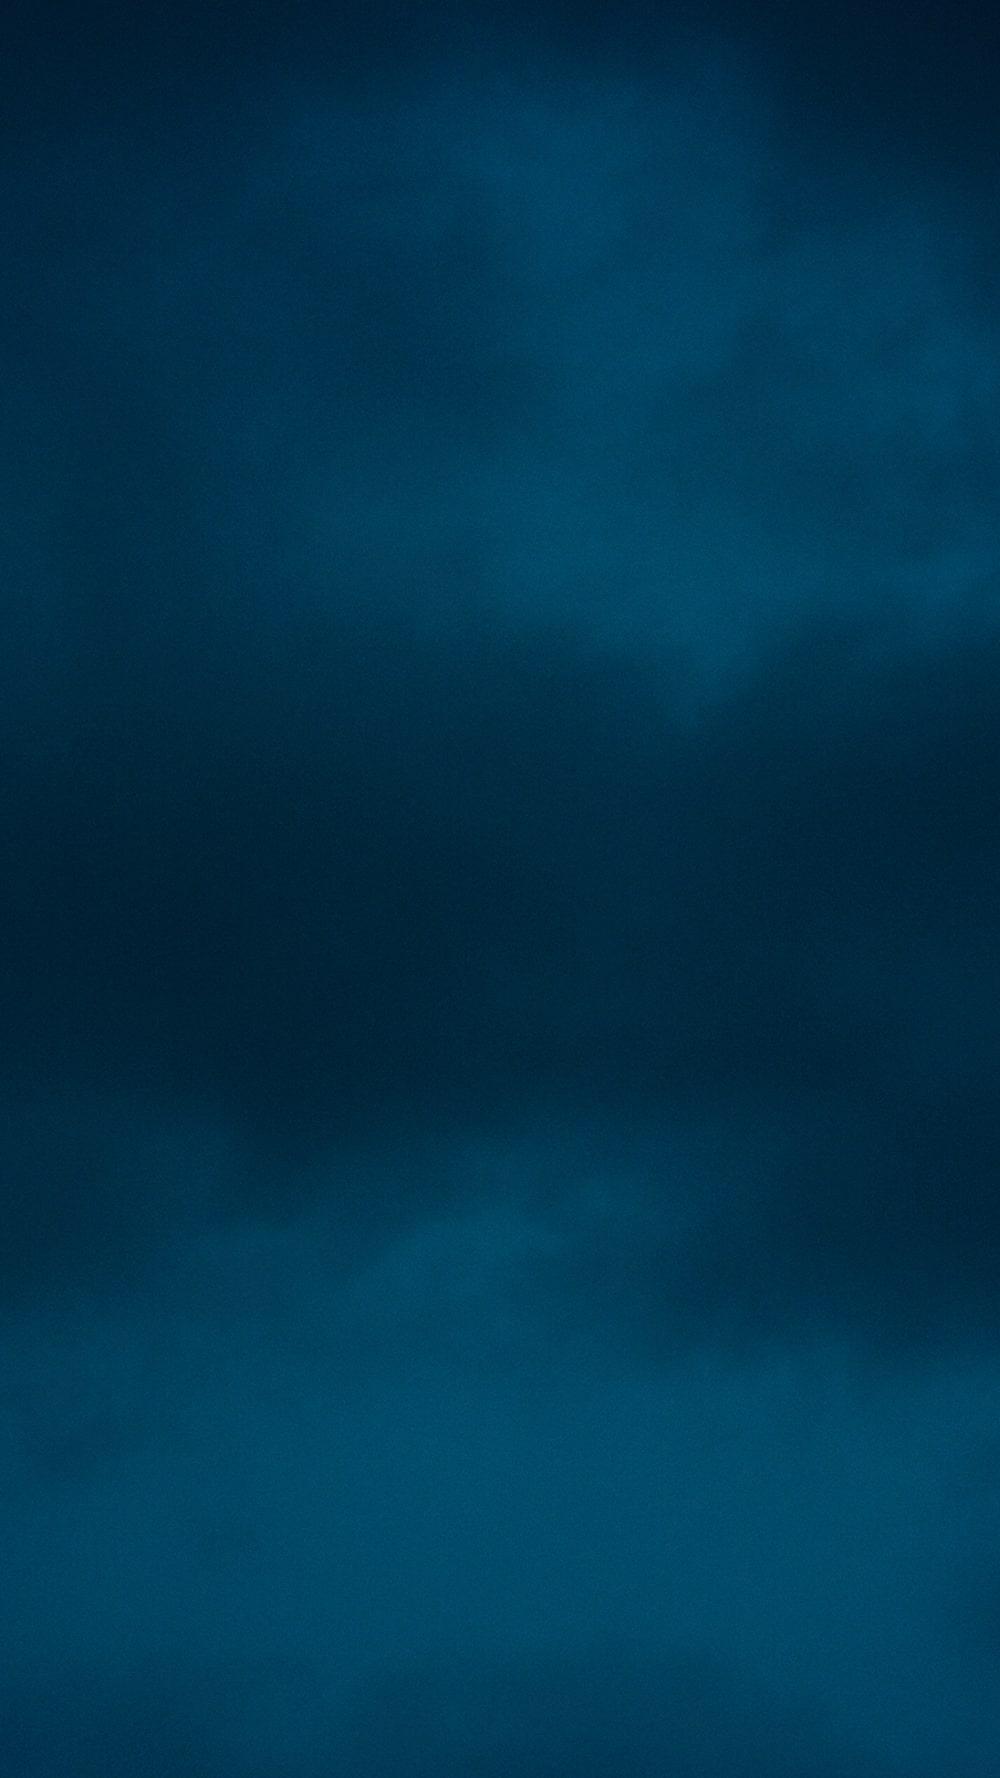 লেন্সের মধ্যে দিয়ে আলো নয়, চারপাশের অন্ধকারকেই ফুটিয়ে তুলতে চান এই 'ডার্ক ফোটোগ্রাফার'। সমাজের অন্ত্যজ শ্রেণির অন্ধকারময় জীবন, প্রকৃতির মনকেমন বার বারই তাঁকে তাড়া করে বেড়ায়।